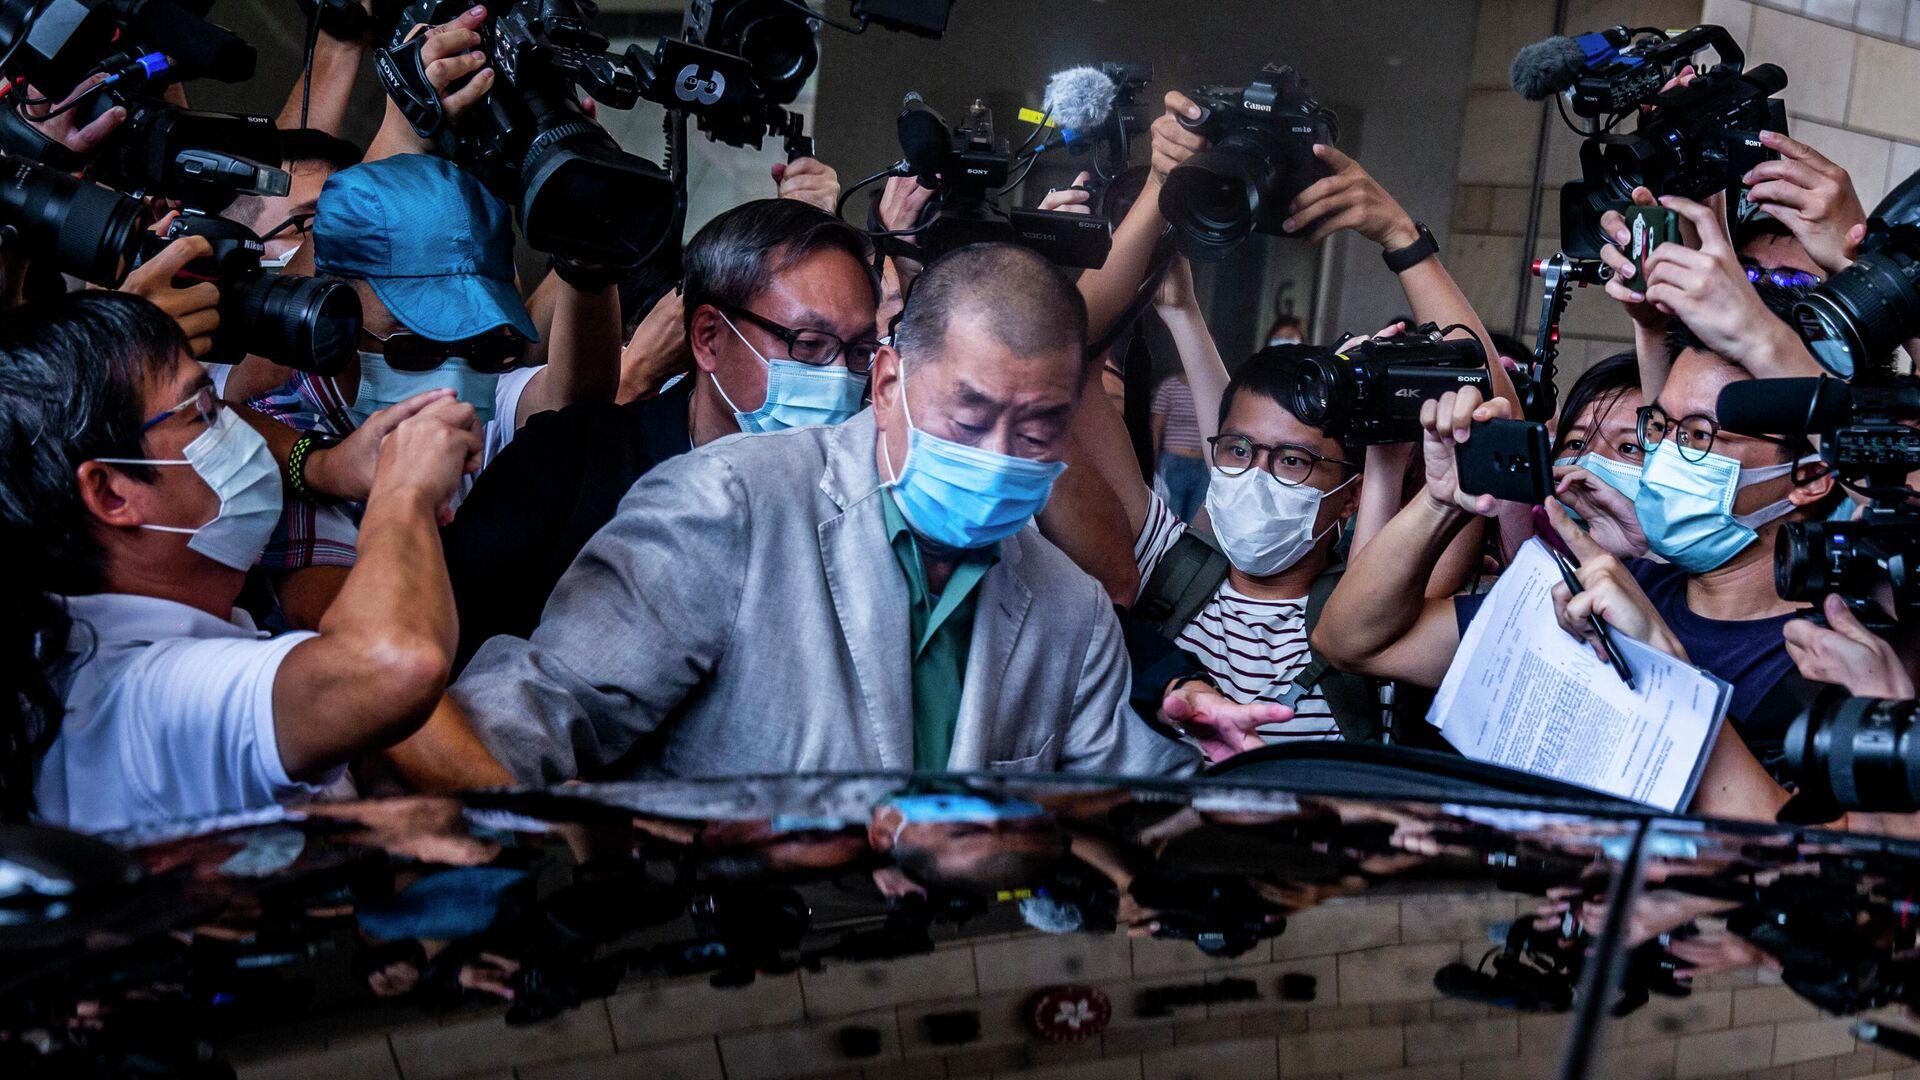 Китайский предприниматель Джимми Лай покидает здание суда в Гонконге - РИА Новости, 1920, 19.05.2021